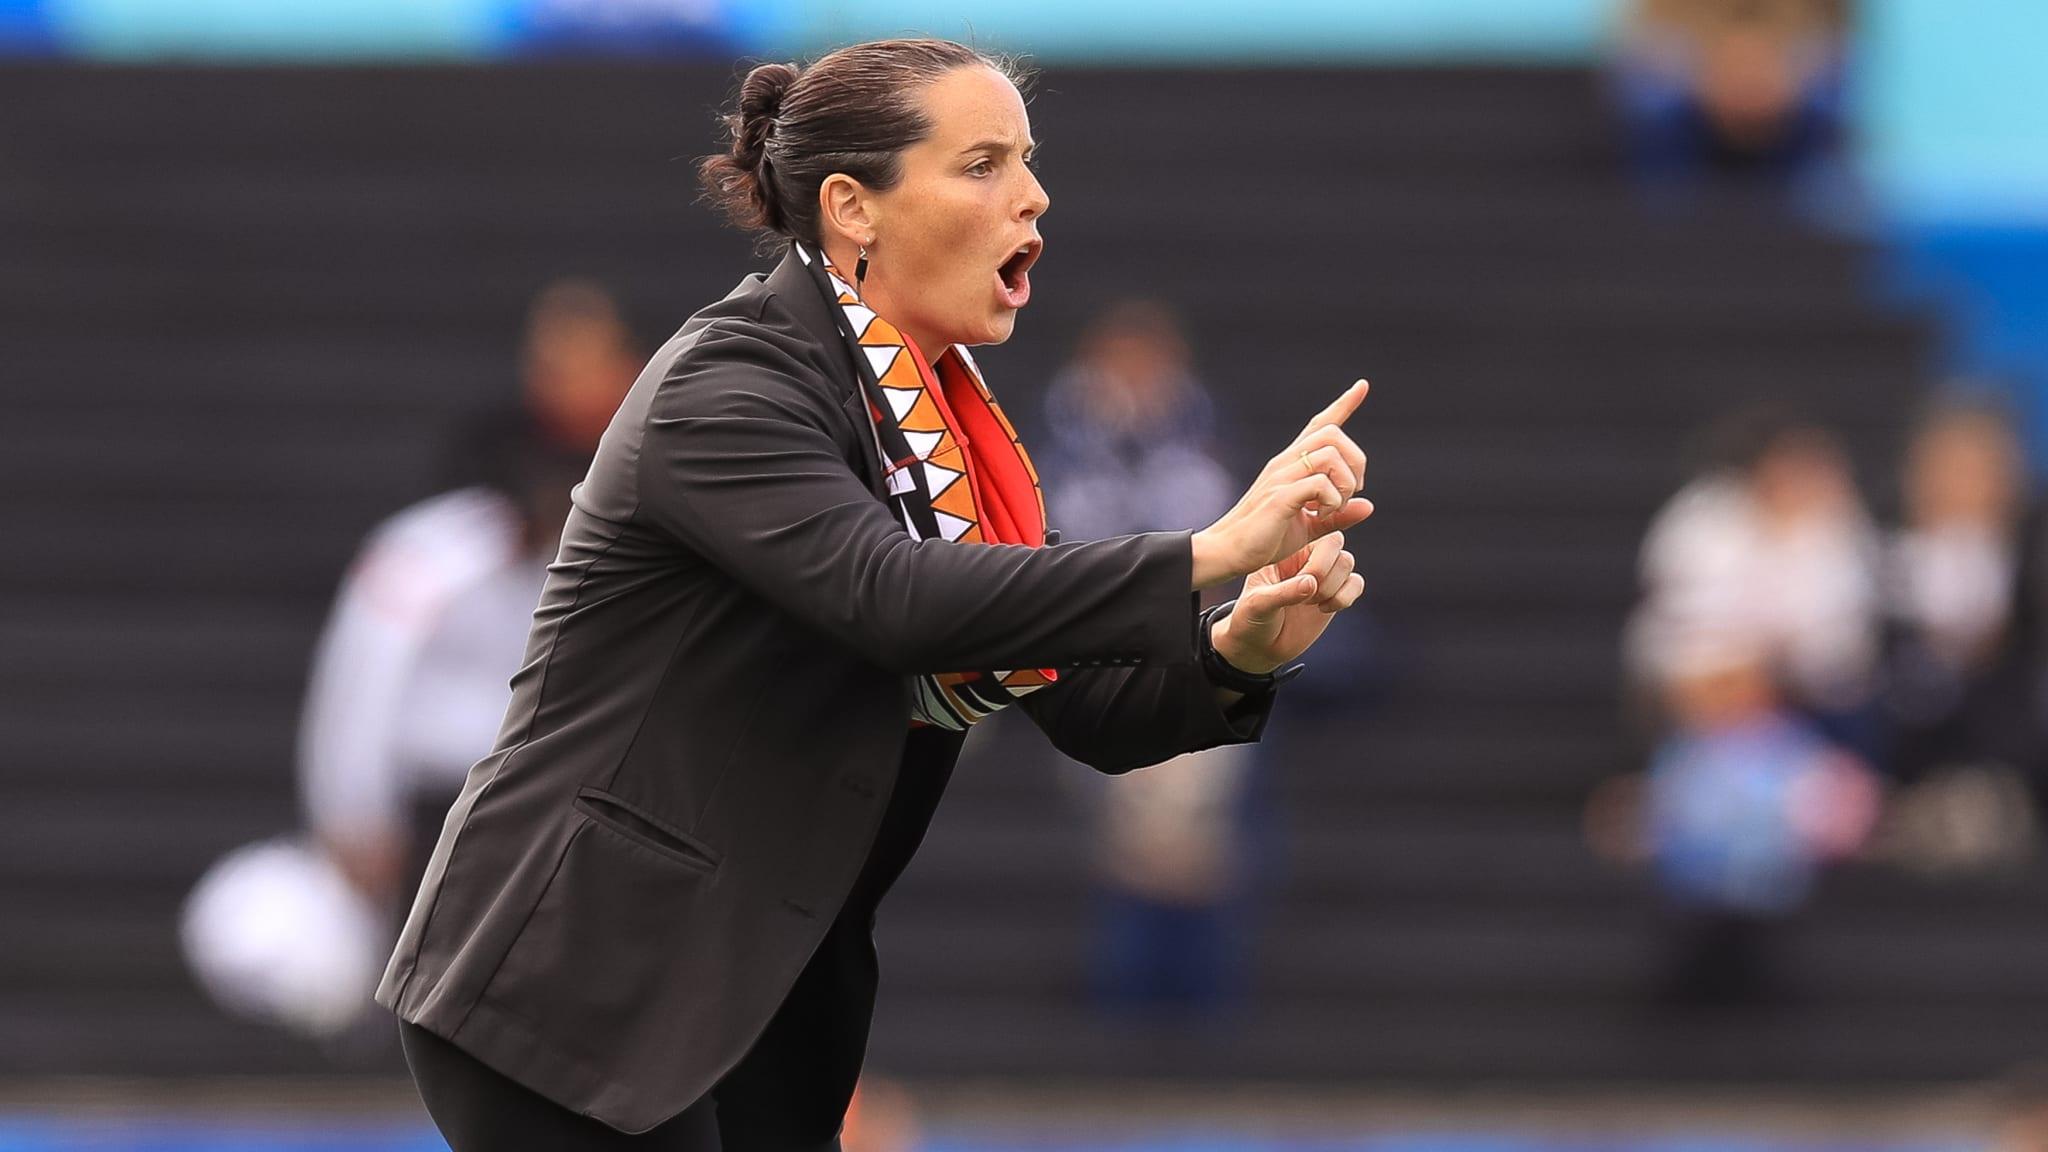 Head coach Rhian Wilkinson of Canada gestures